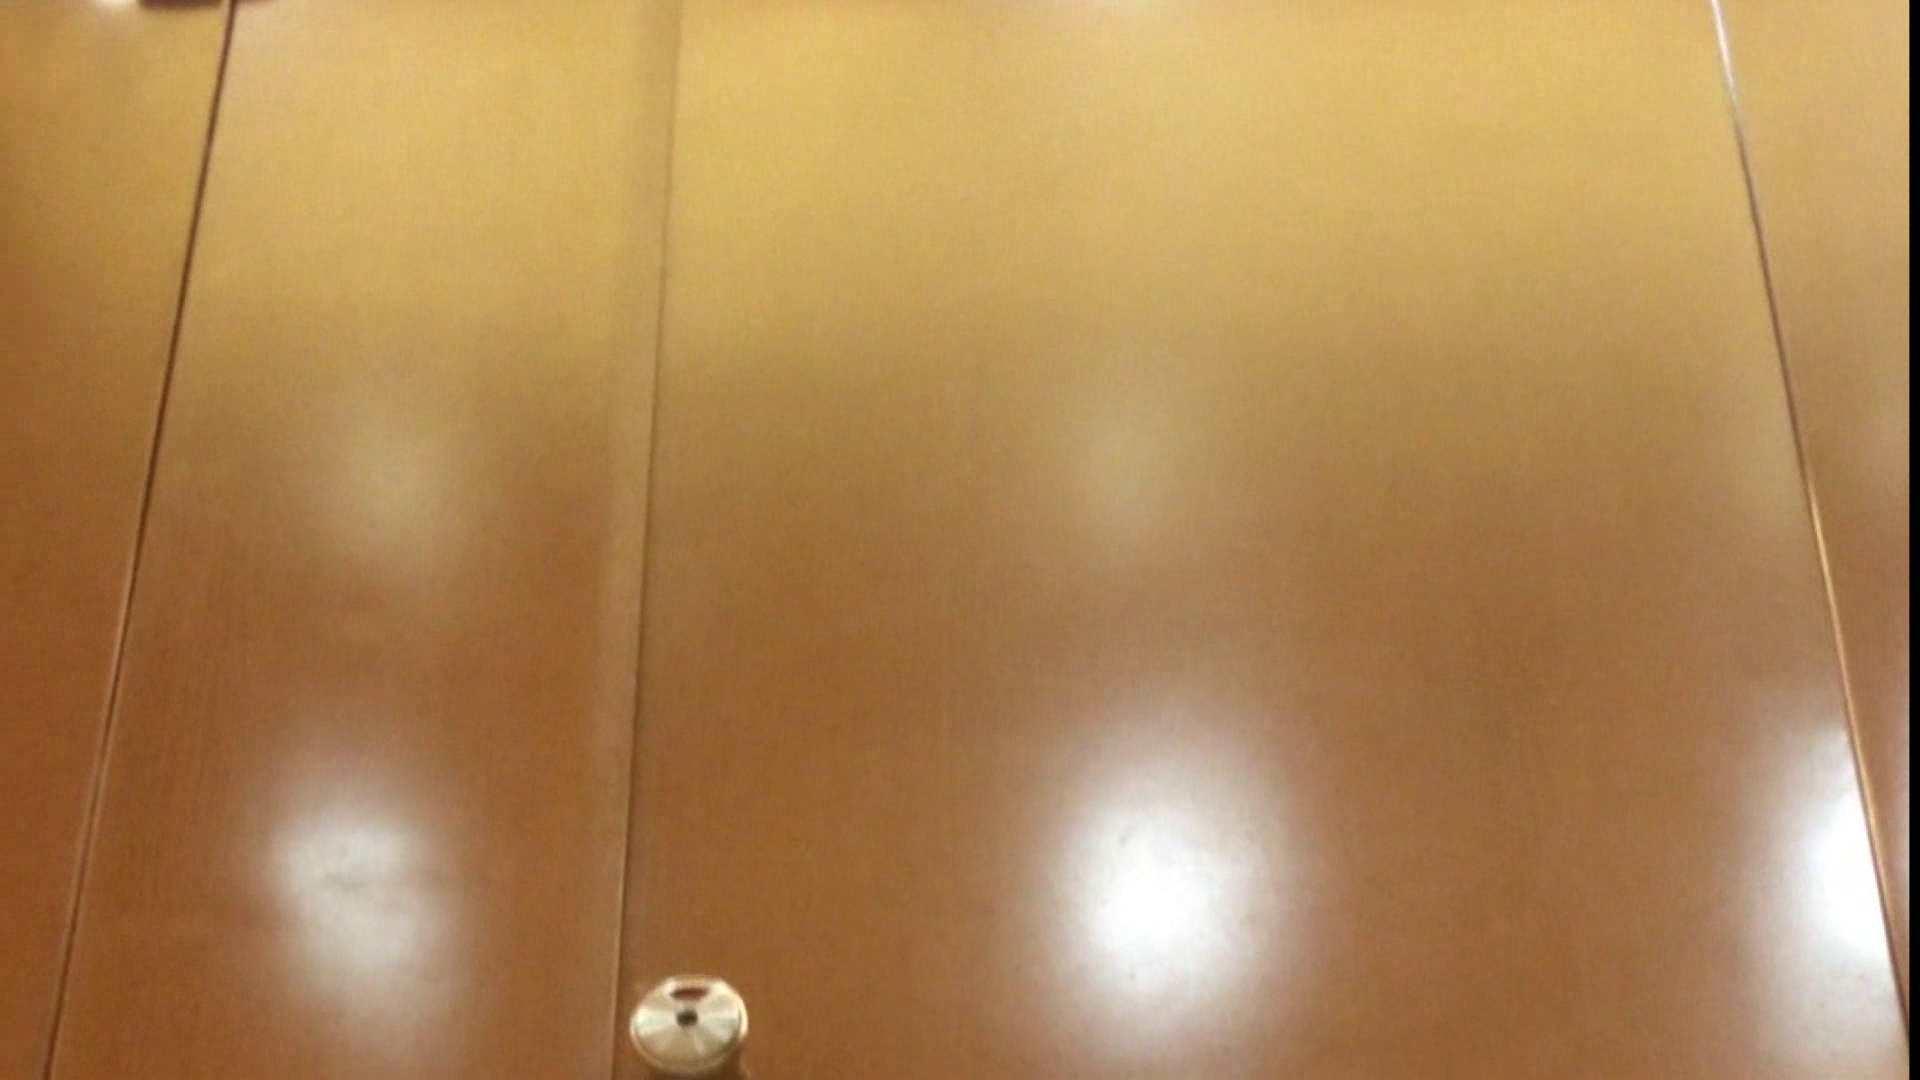 「噂」の国の厠観察日記2 Vol.01 HなOL | 厠  89pic 6